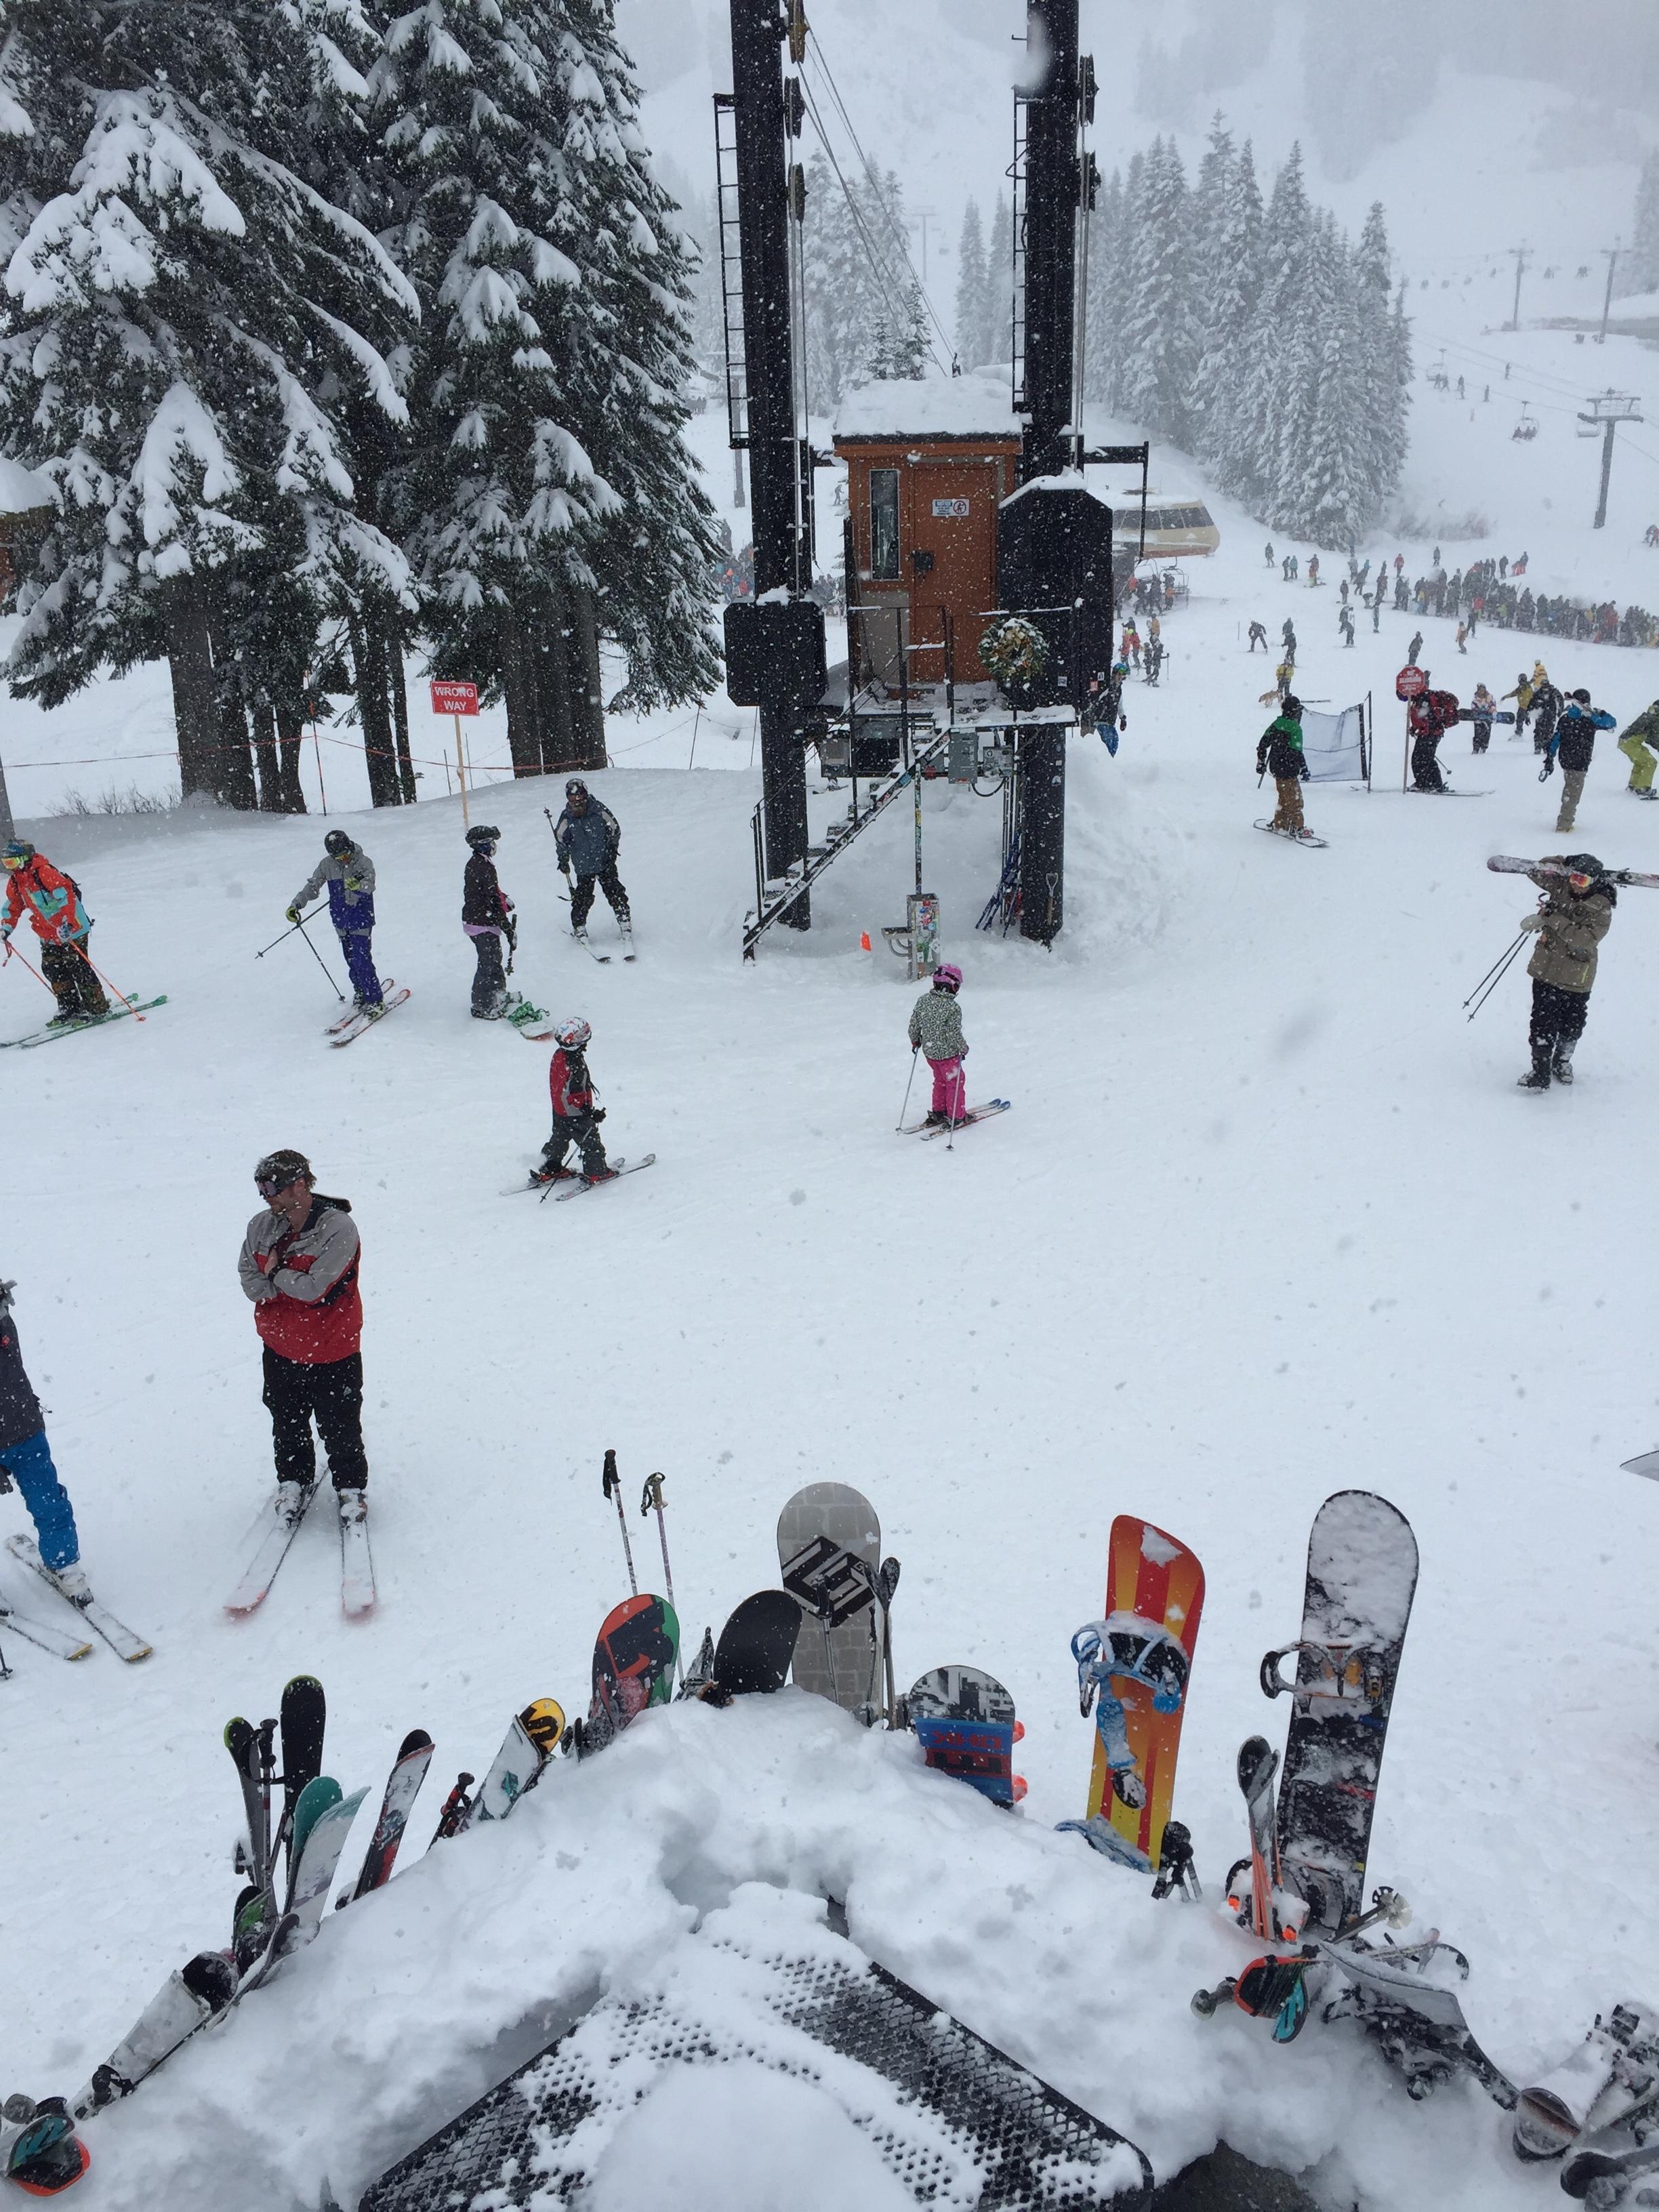 اثناء التزلج في جبل ستيفن باس في سياتل